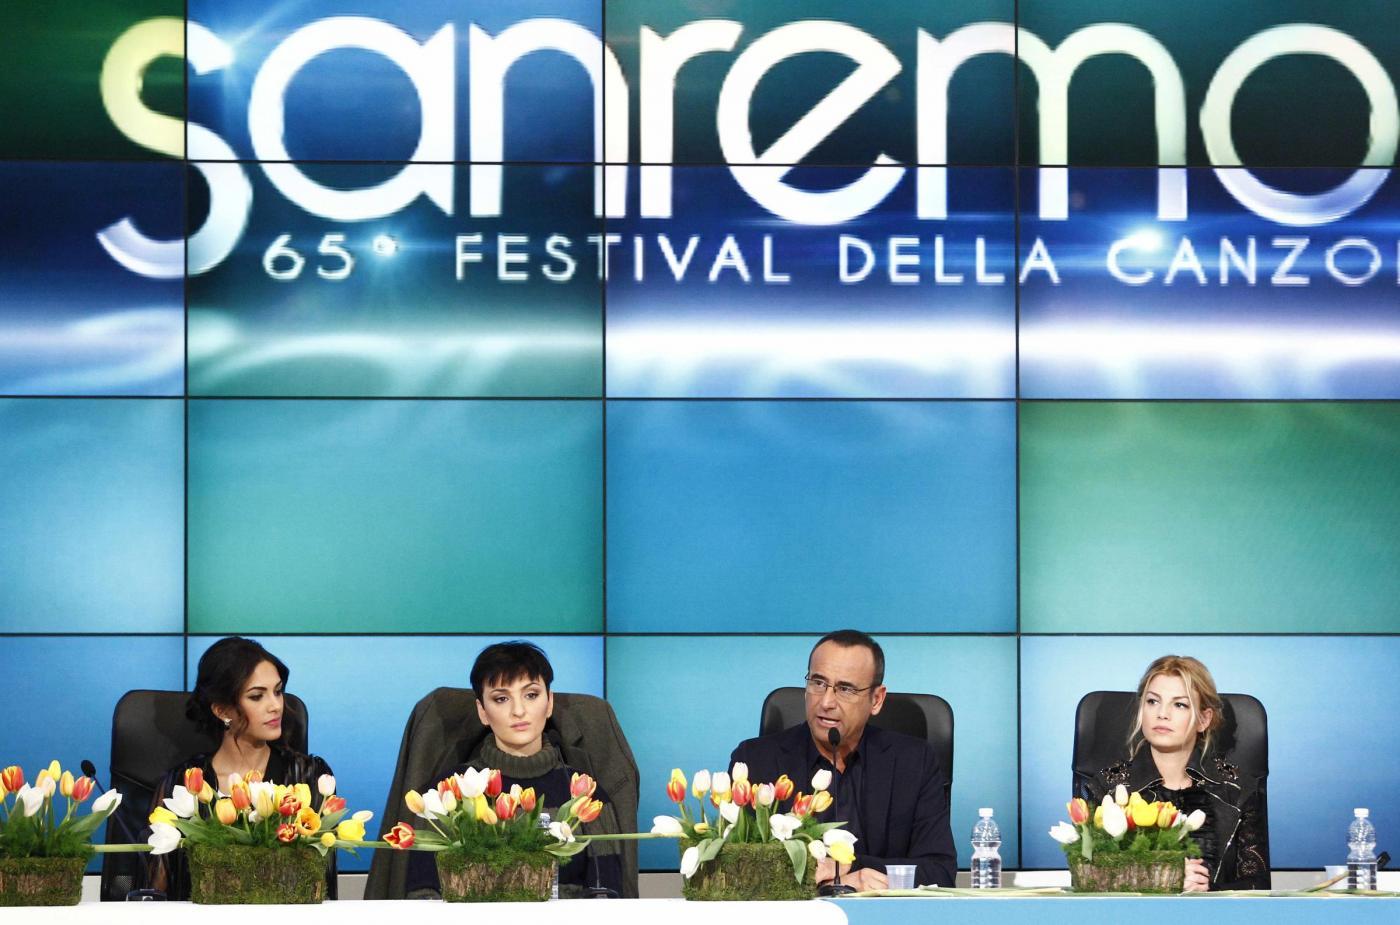 Quanto costa il Festival di Sanremo? Le cifre: 16 milioni di spese, 4 di guadagno